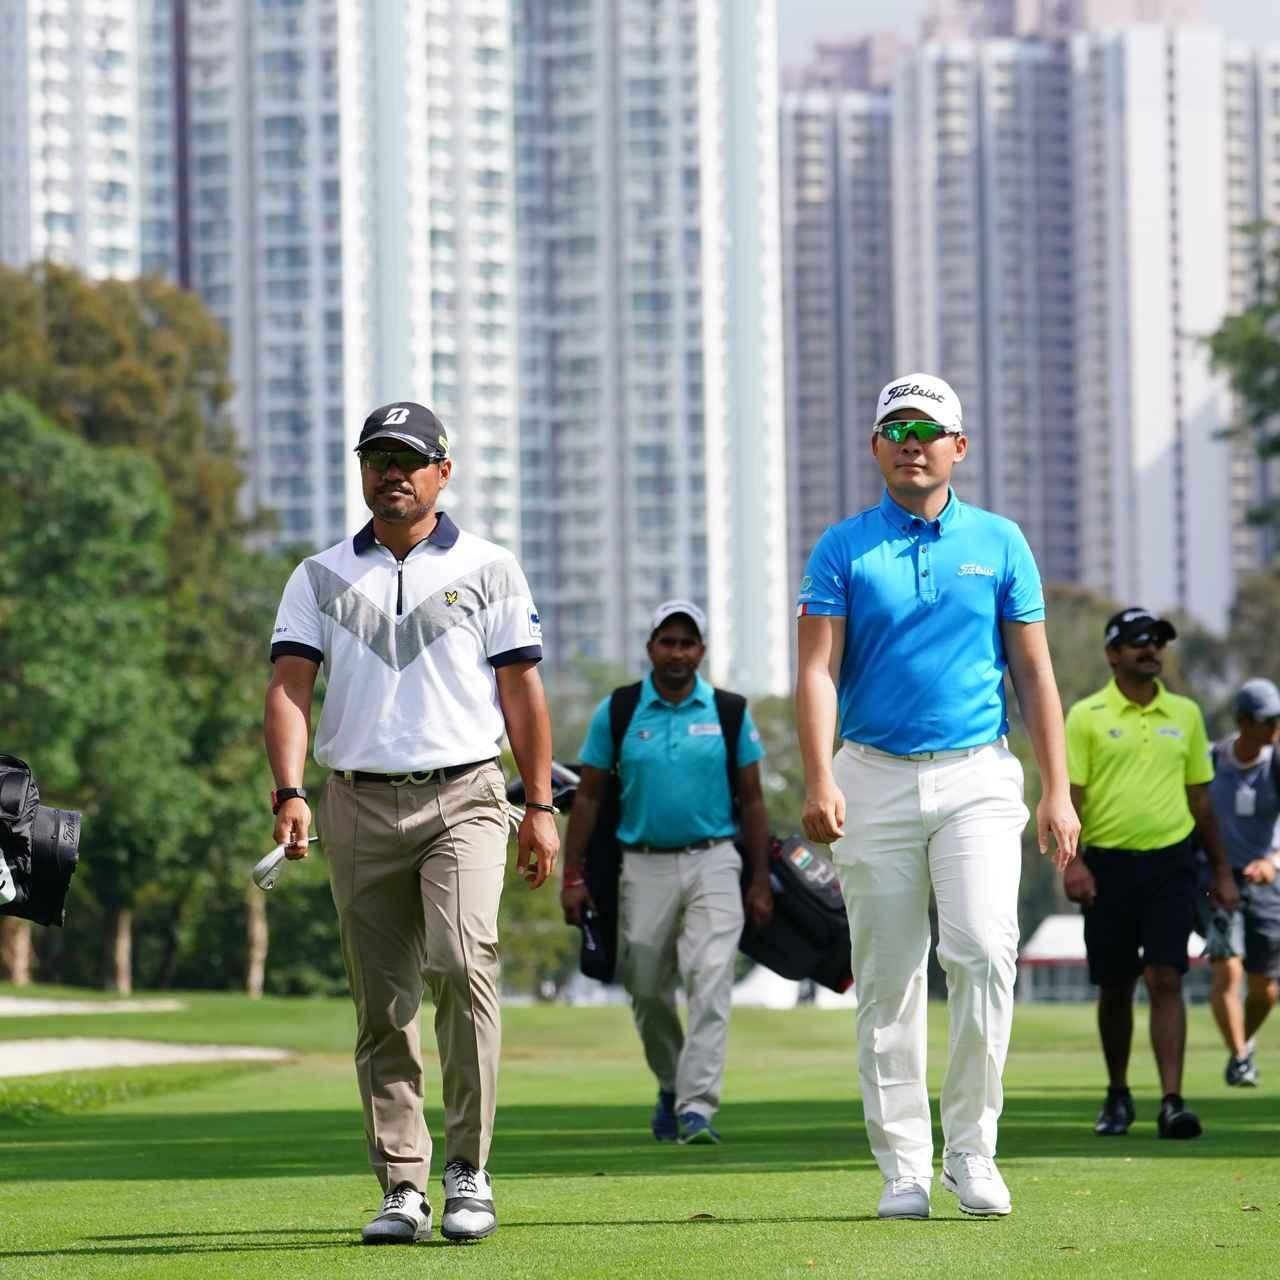 画像: 日本からは宮里優作、川村昌弘の二人の欧州ツアーメンバーらが出場。彼らもまた、日本のゴルフ界のグローバル化の象徴だ